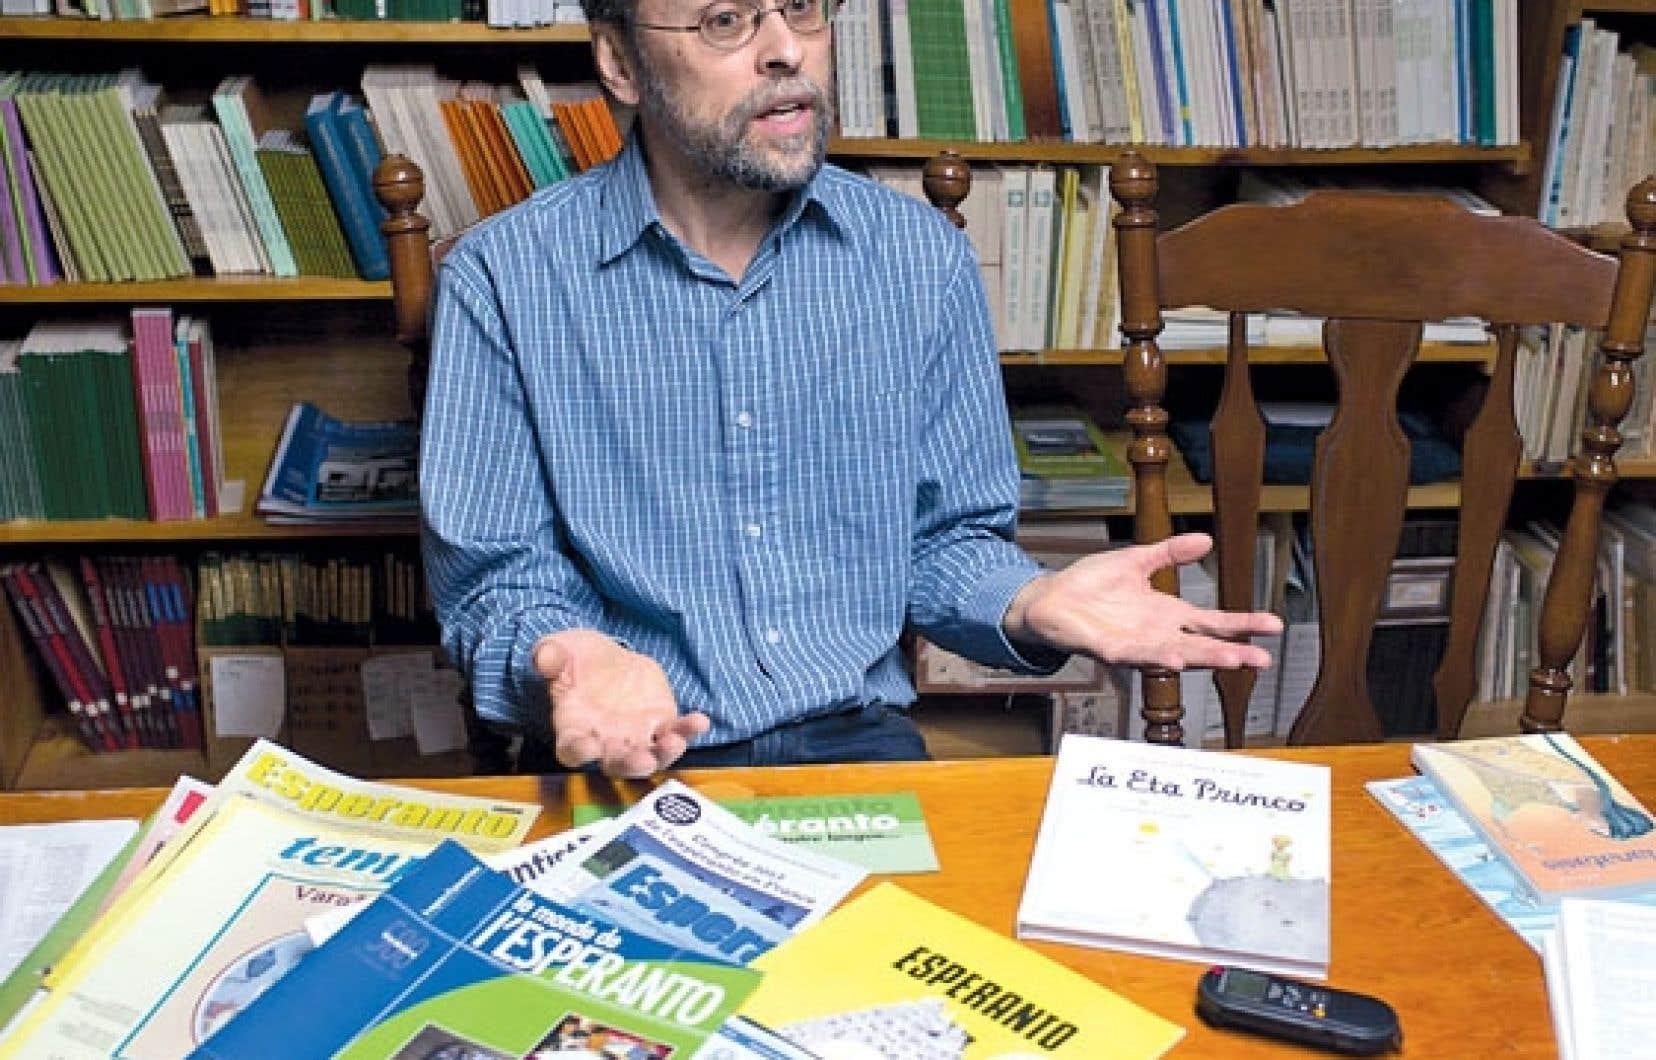 Normand Fleury, président de la Société québécoise d'espéranto, a réuni chez lui une bibliothèque d'ouvrages publiés dans cette langue.